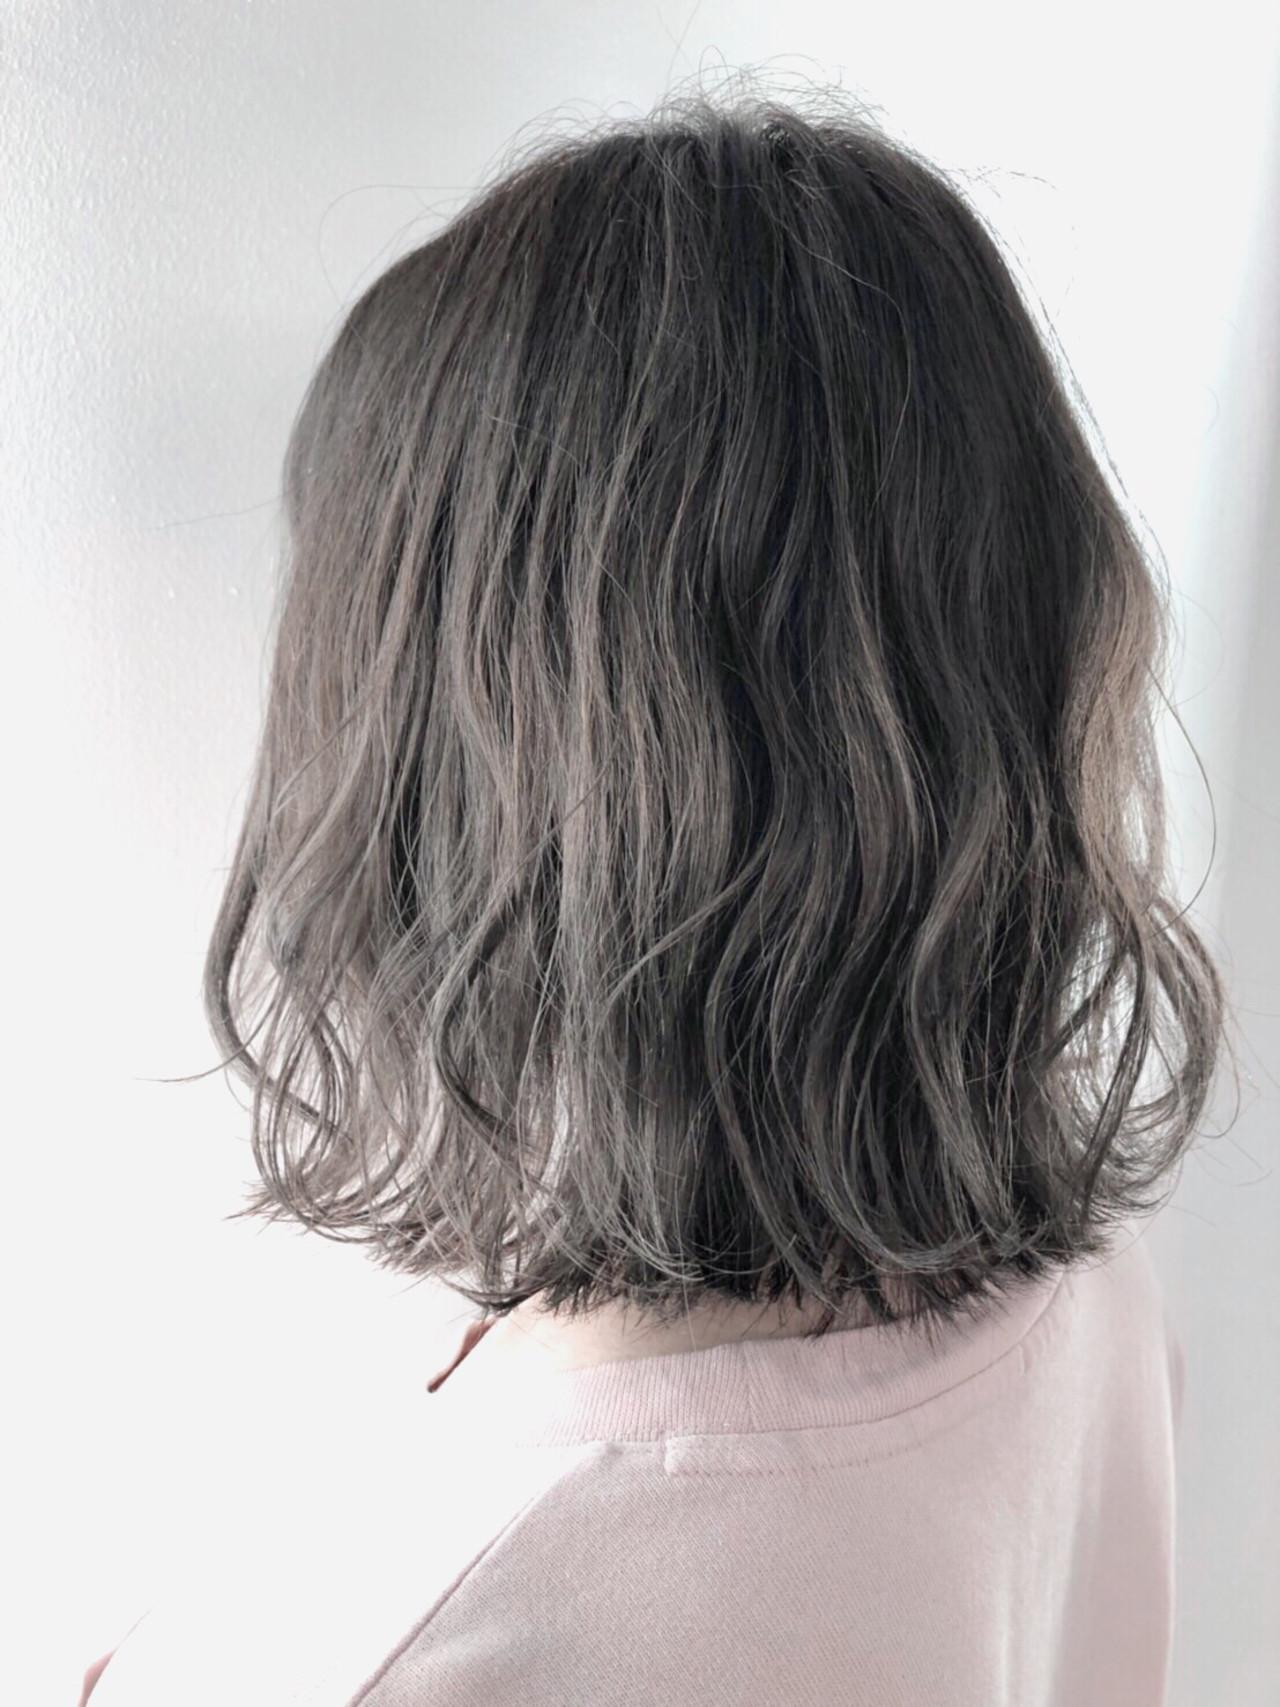 ボブ グレーアッシュ 波ウェーブ シルバーアッシュ ヘアスタイルや髪型の写真・画像 | 津川比佳理 / AlanSmithee